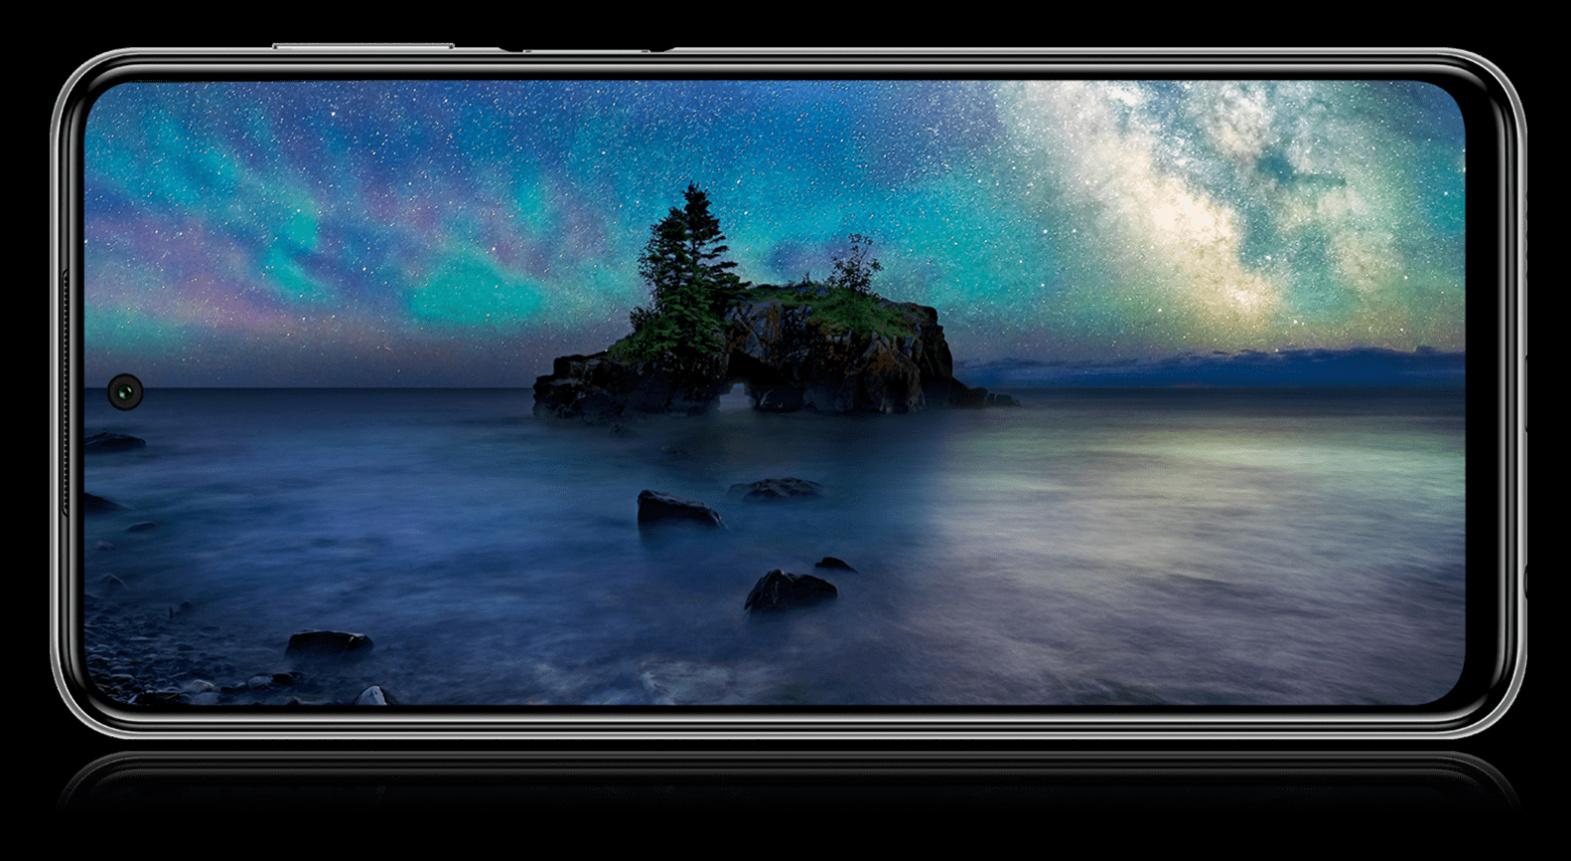 Das 6,67 Zoll große FHD+-Display des Redmi Note 9 Pro ohne Notch